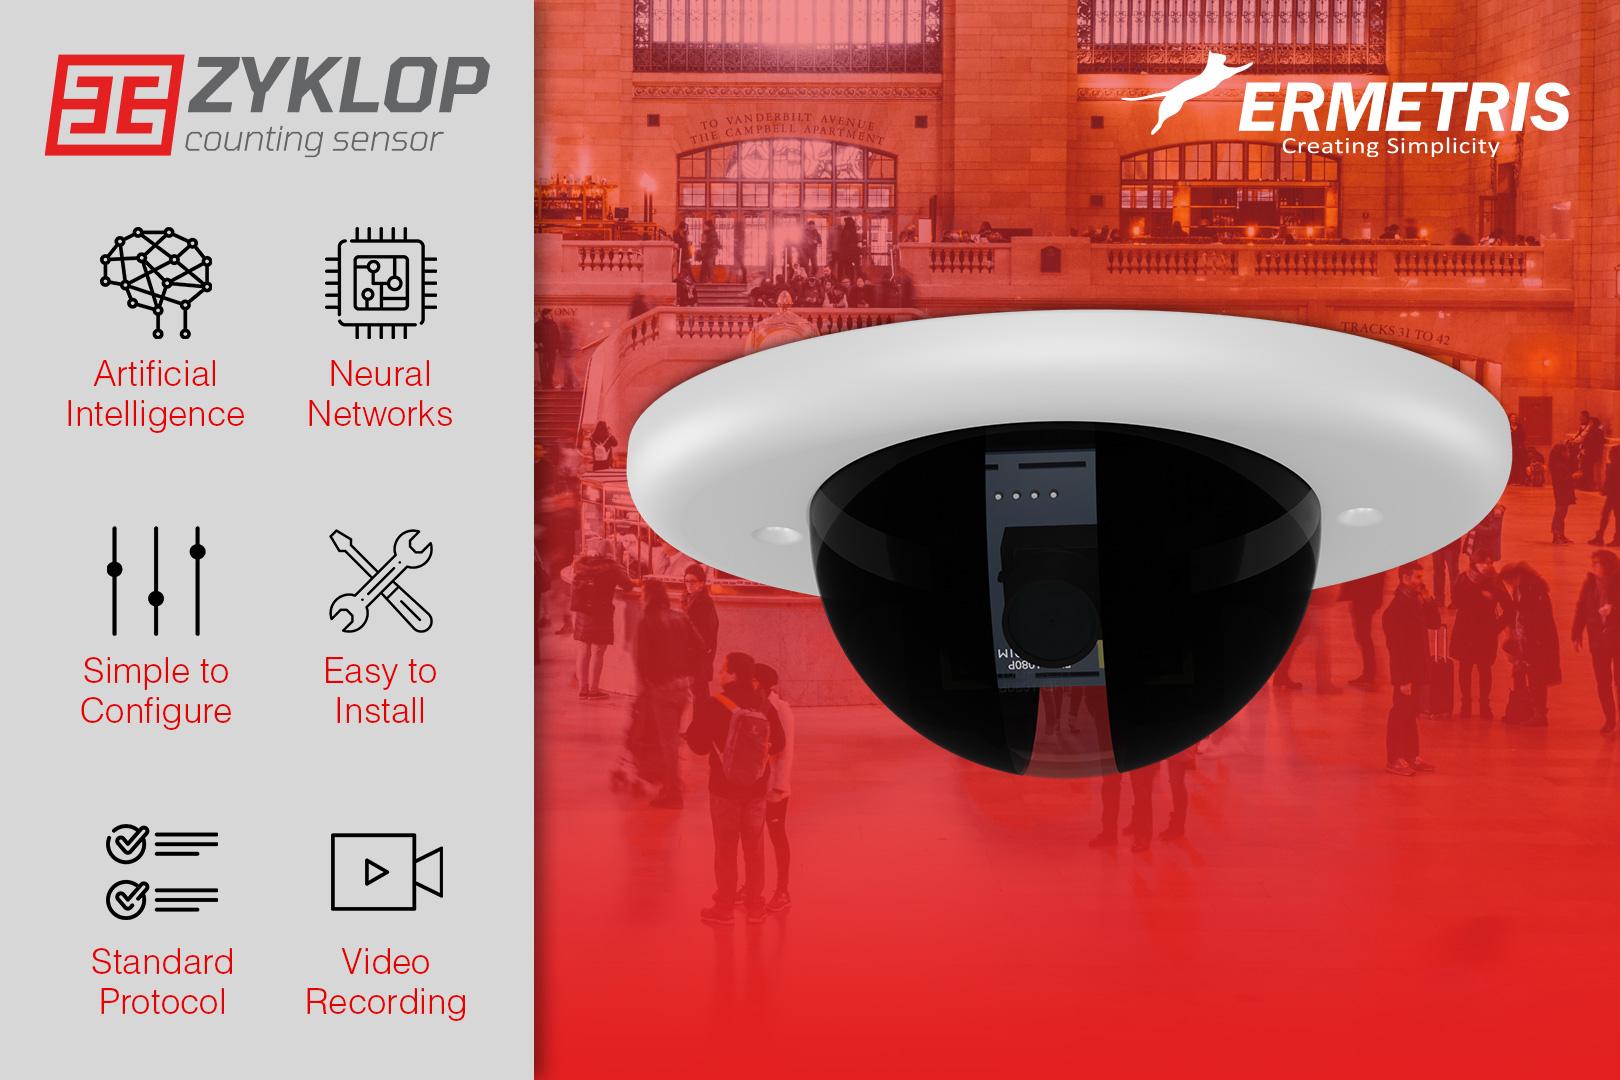 Ermetris lancia il suo nuovo prodotto, Zyklop - Automatic Passenger Counter